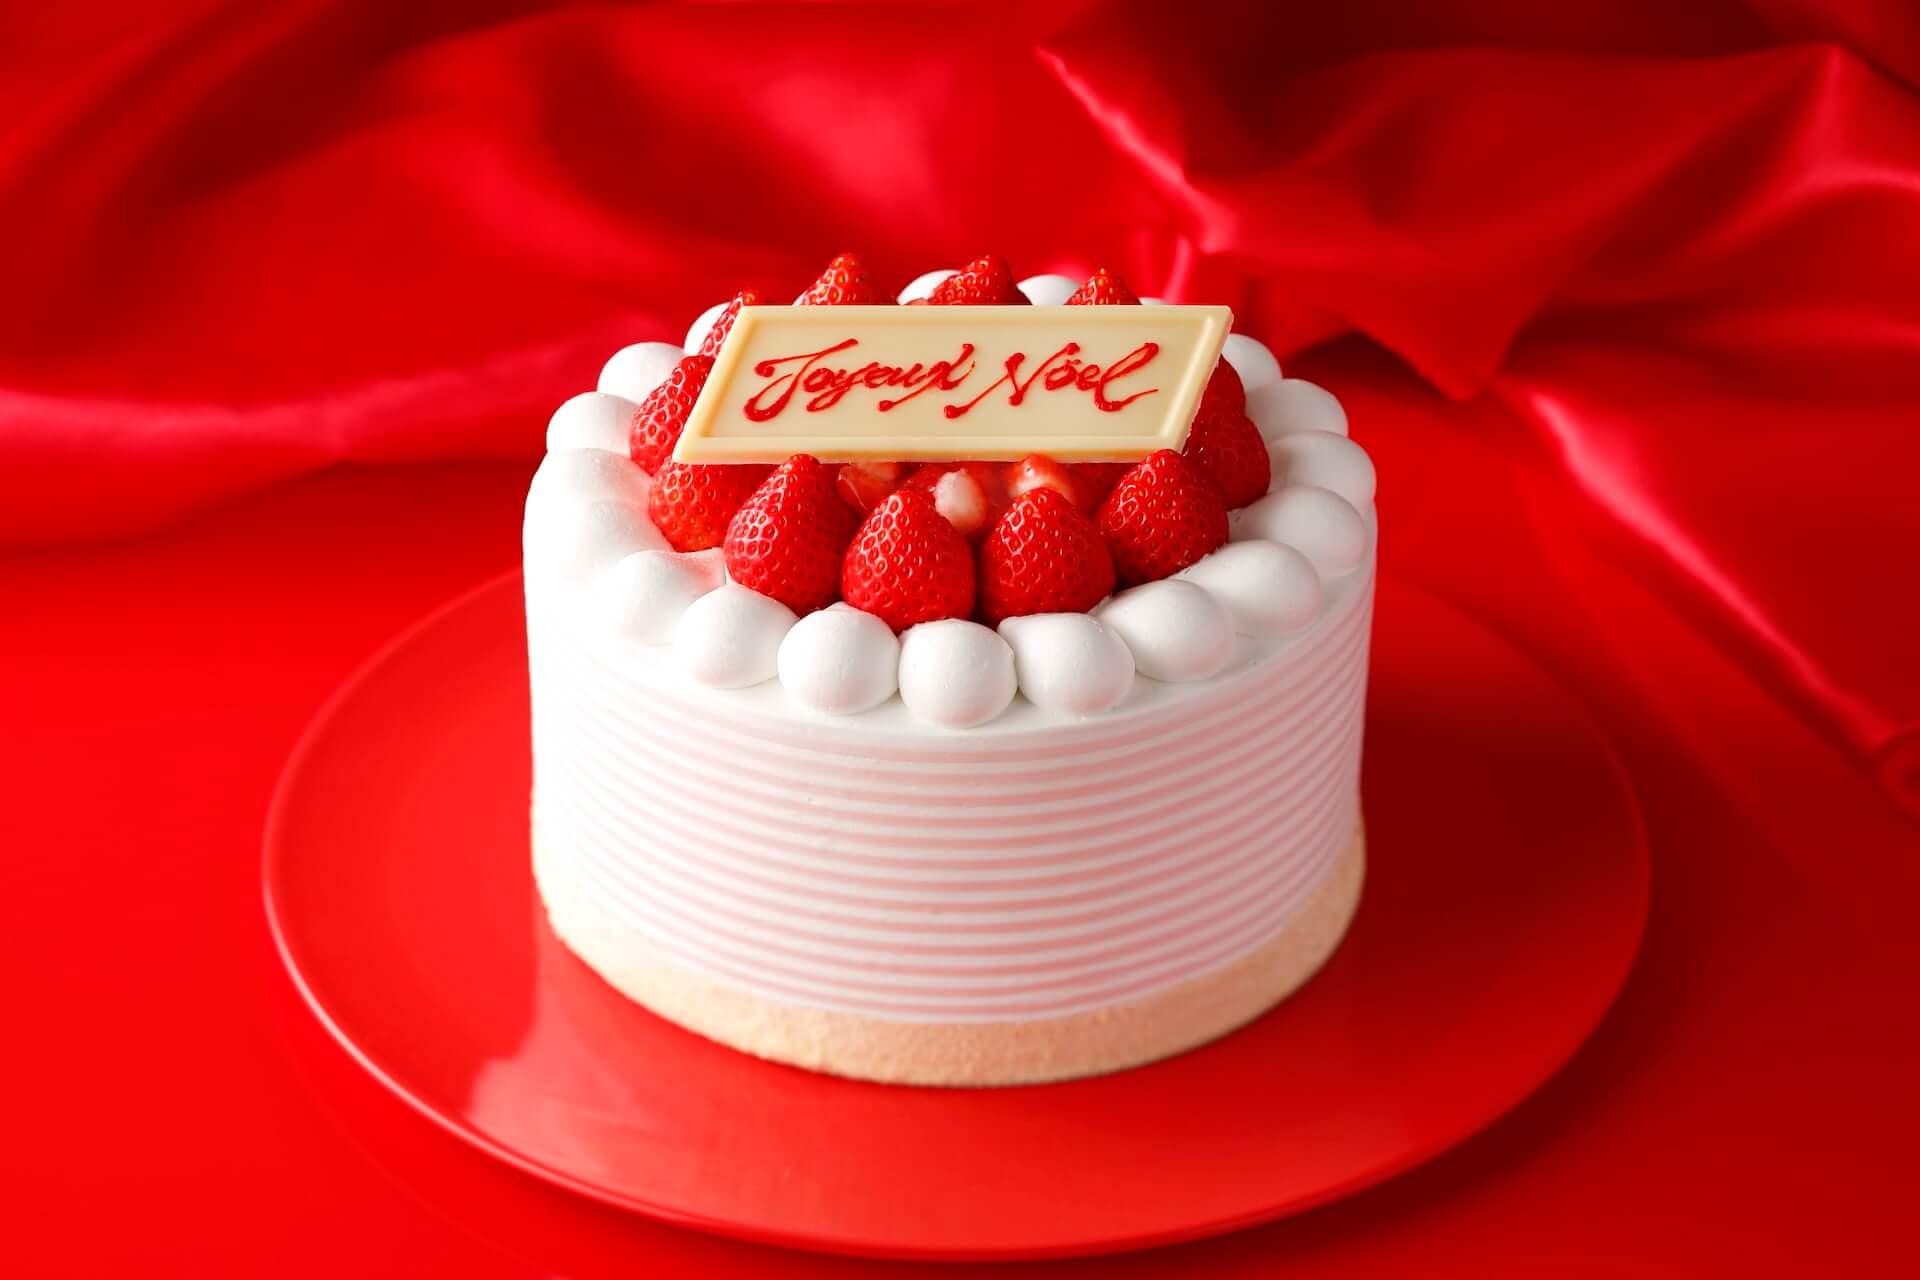 ホテルニューオータニ「パティスリーSATSUKI」にてクリスマスケーキの予約販売がスタート!『スーパーオペラ』『クリスマスタワー』など続々登場 gourmet201005_newotani_4-1920x1280